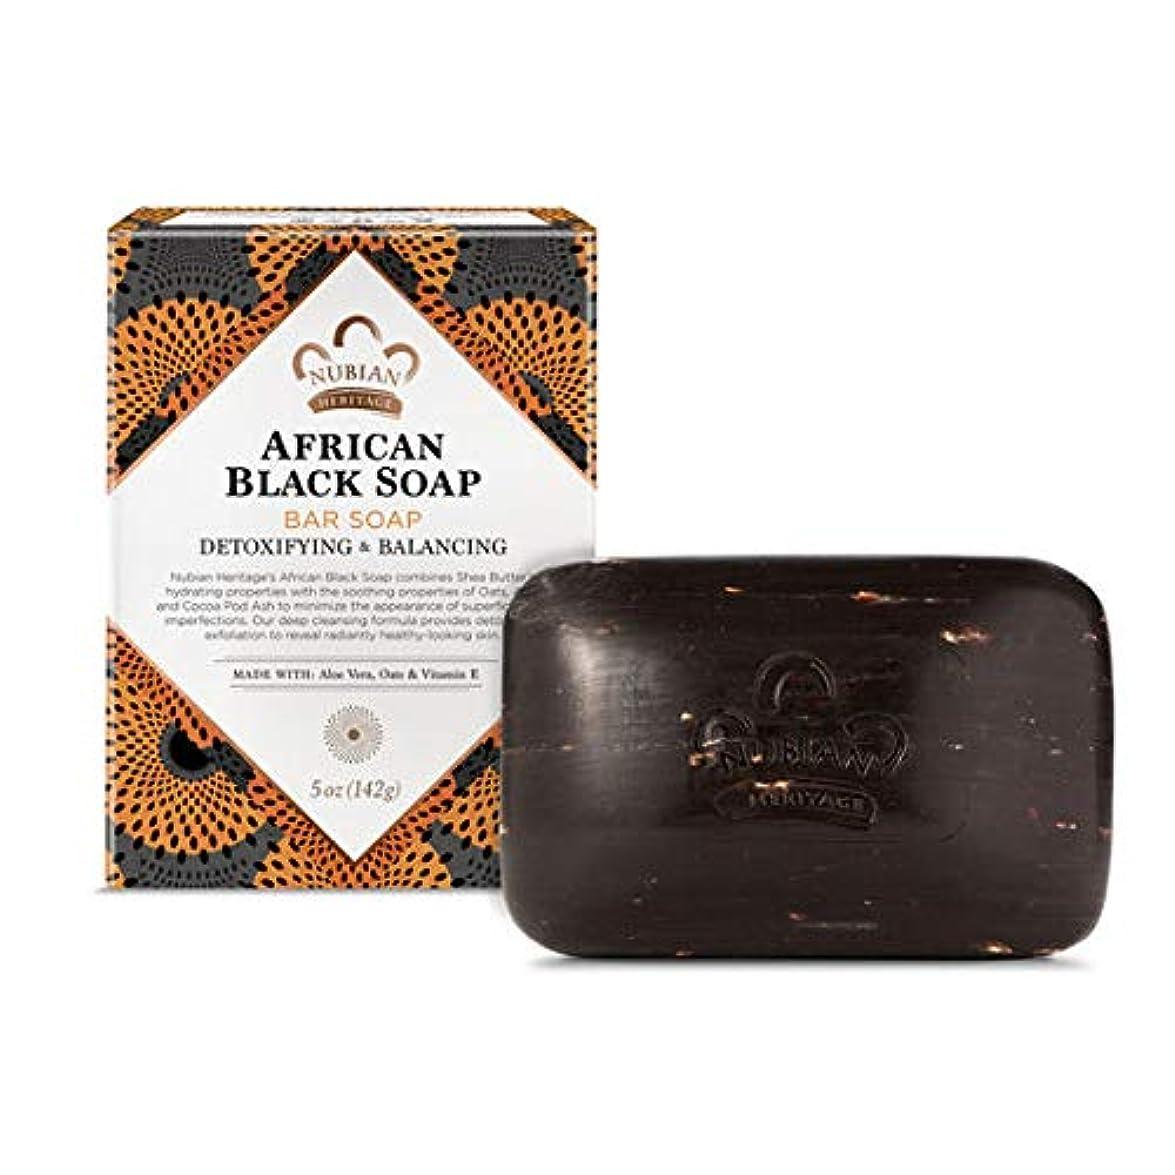 一般的にアジアタイマーヌビアン ヘリテージ アフリカン ブラック ソープ 141g 並行輸入品 [並行輸入品]